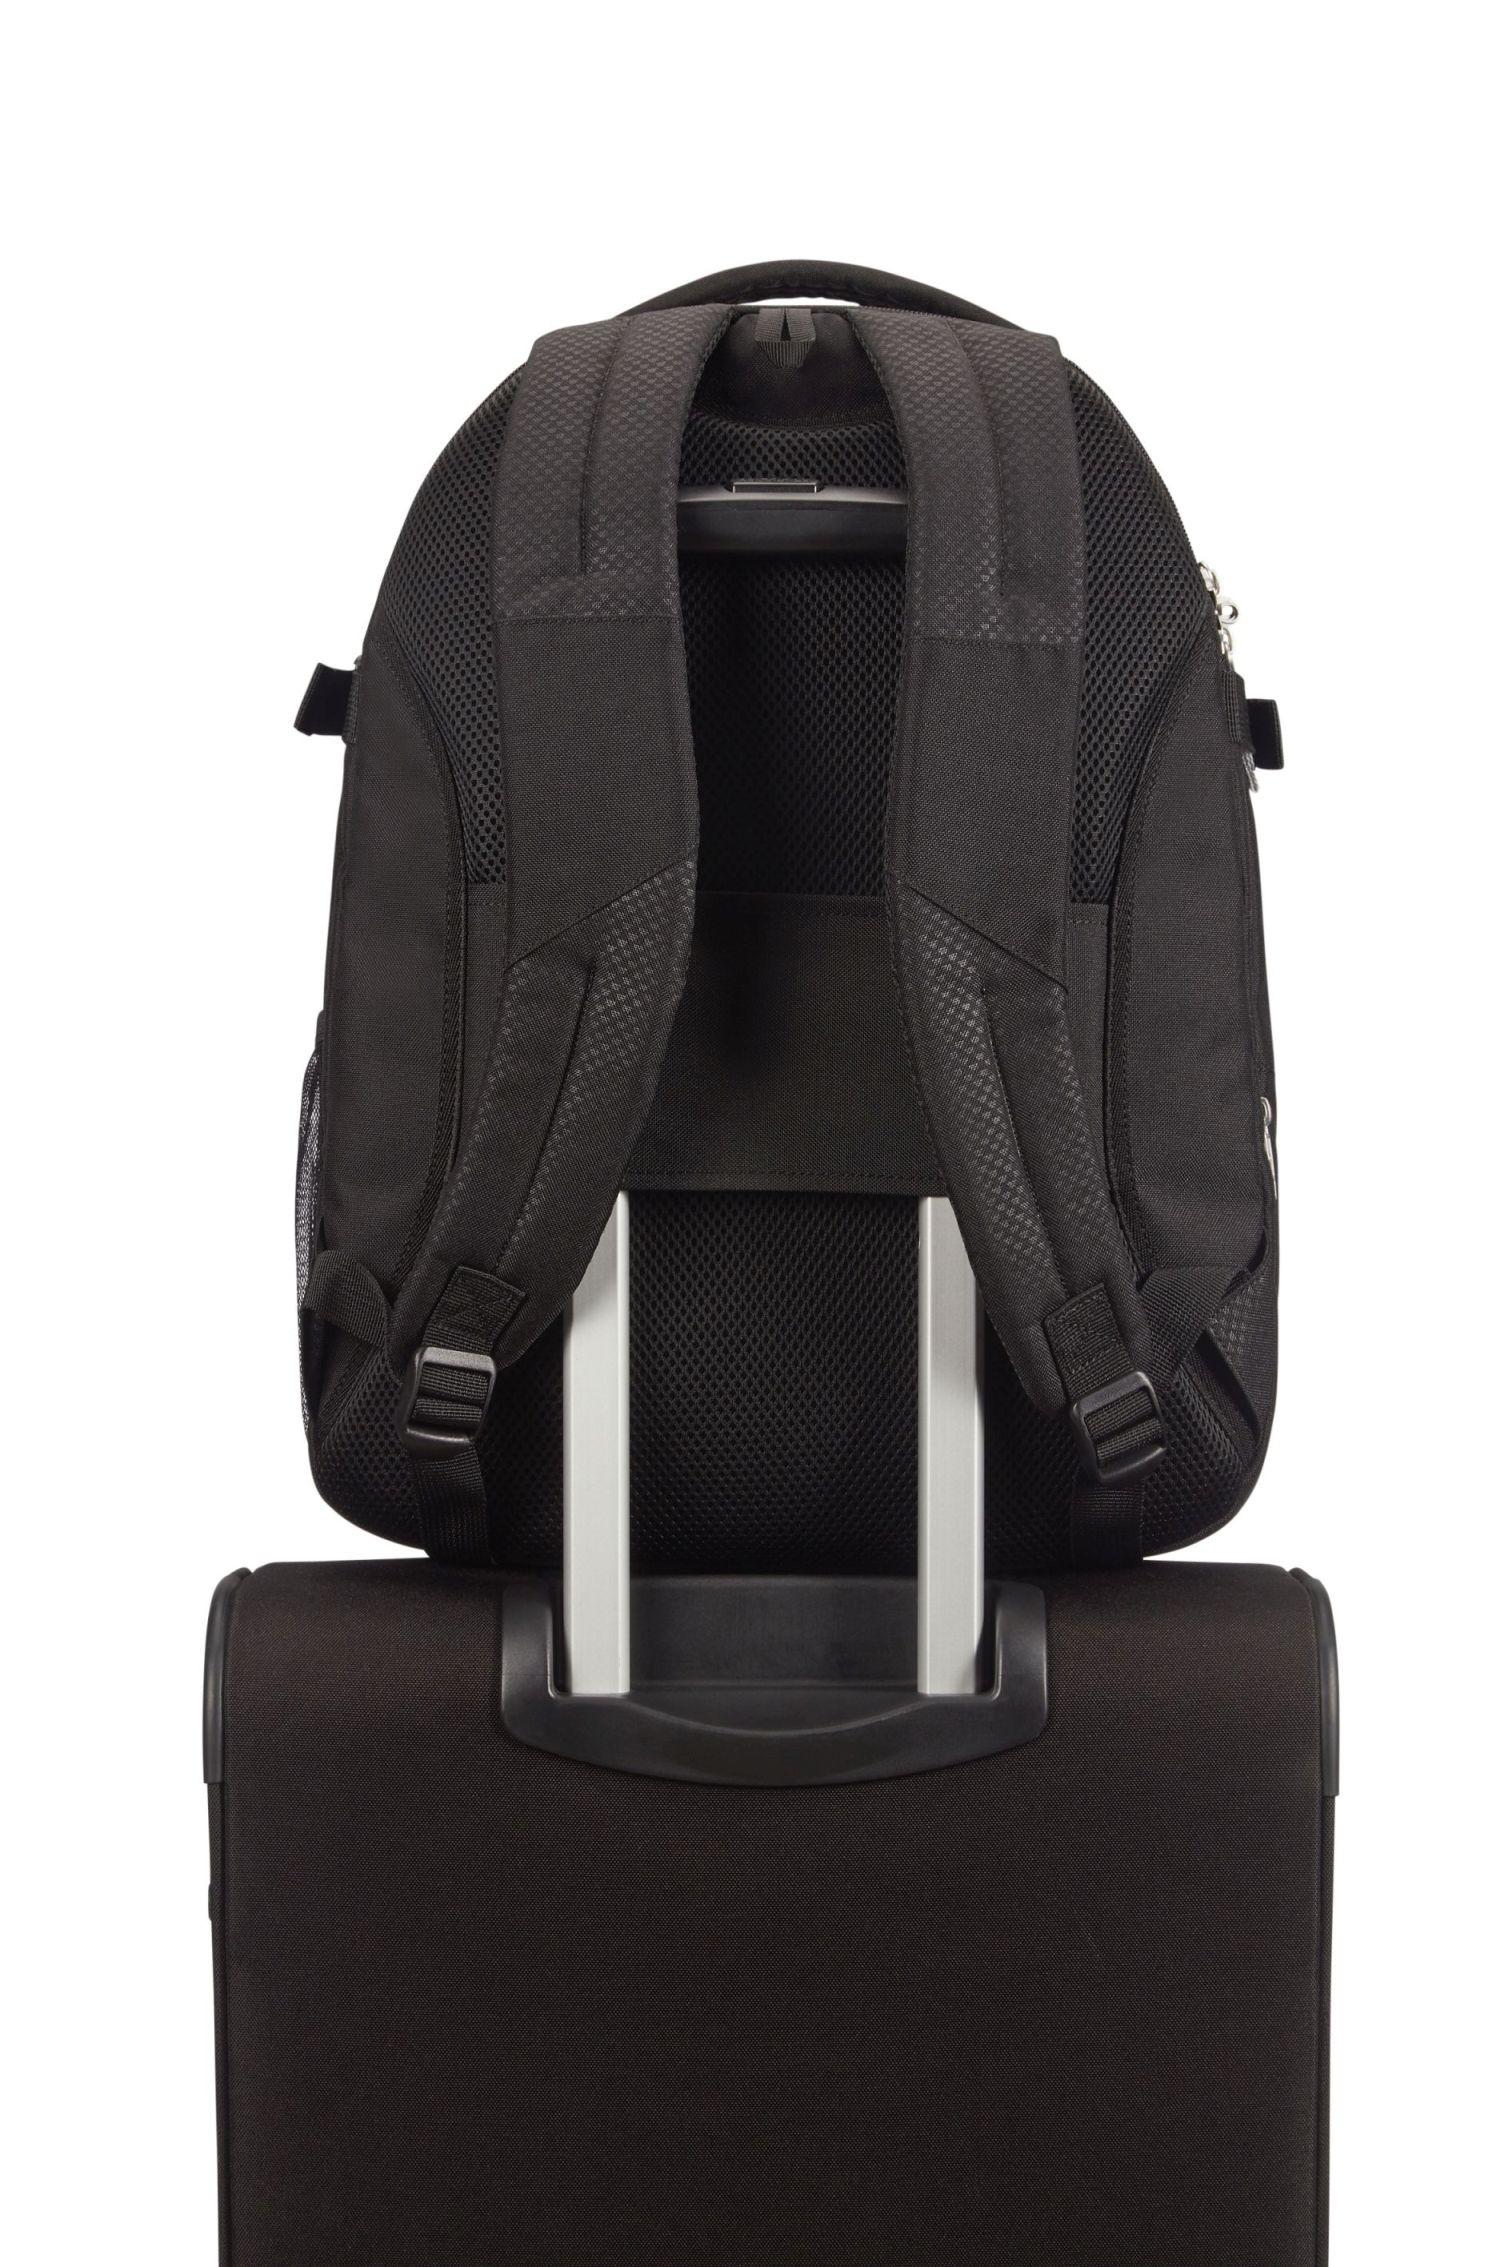 Samsonite Sonora Laptop Backpack L EXP, View 10